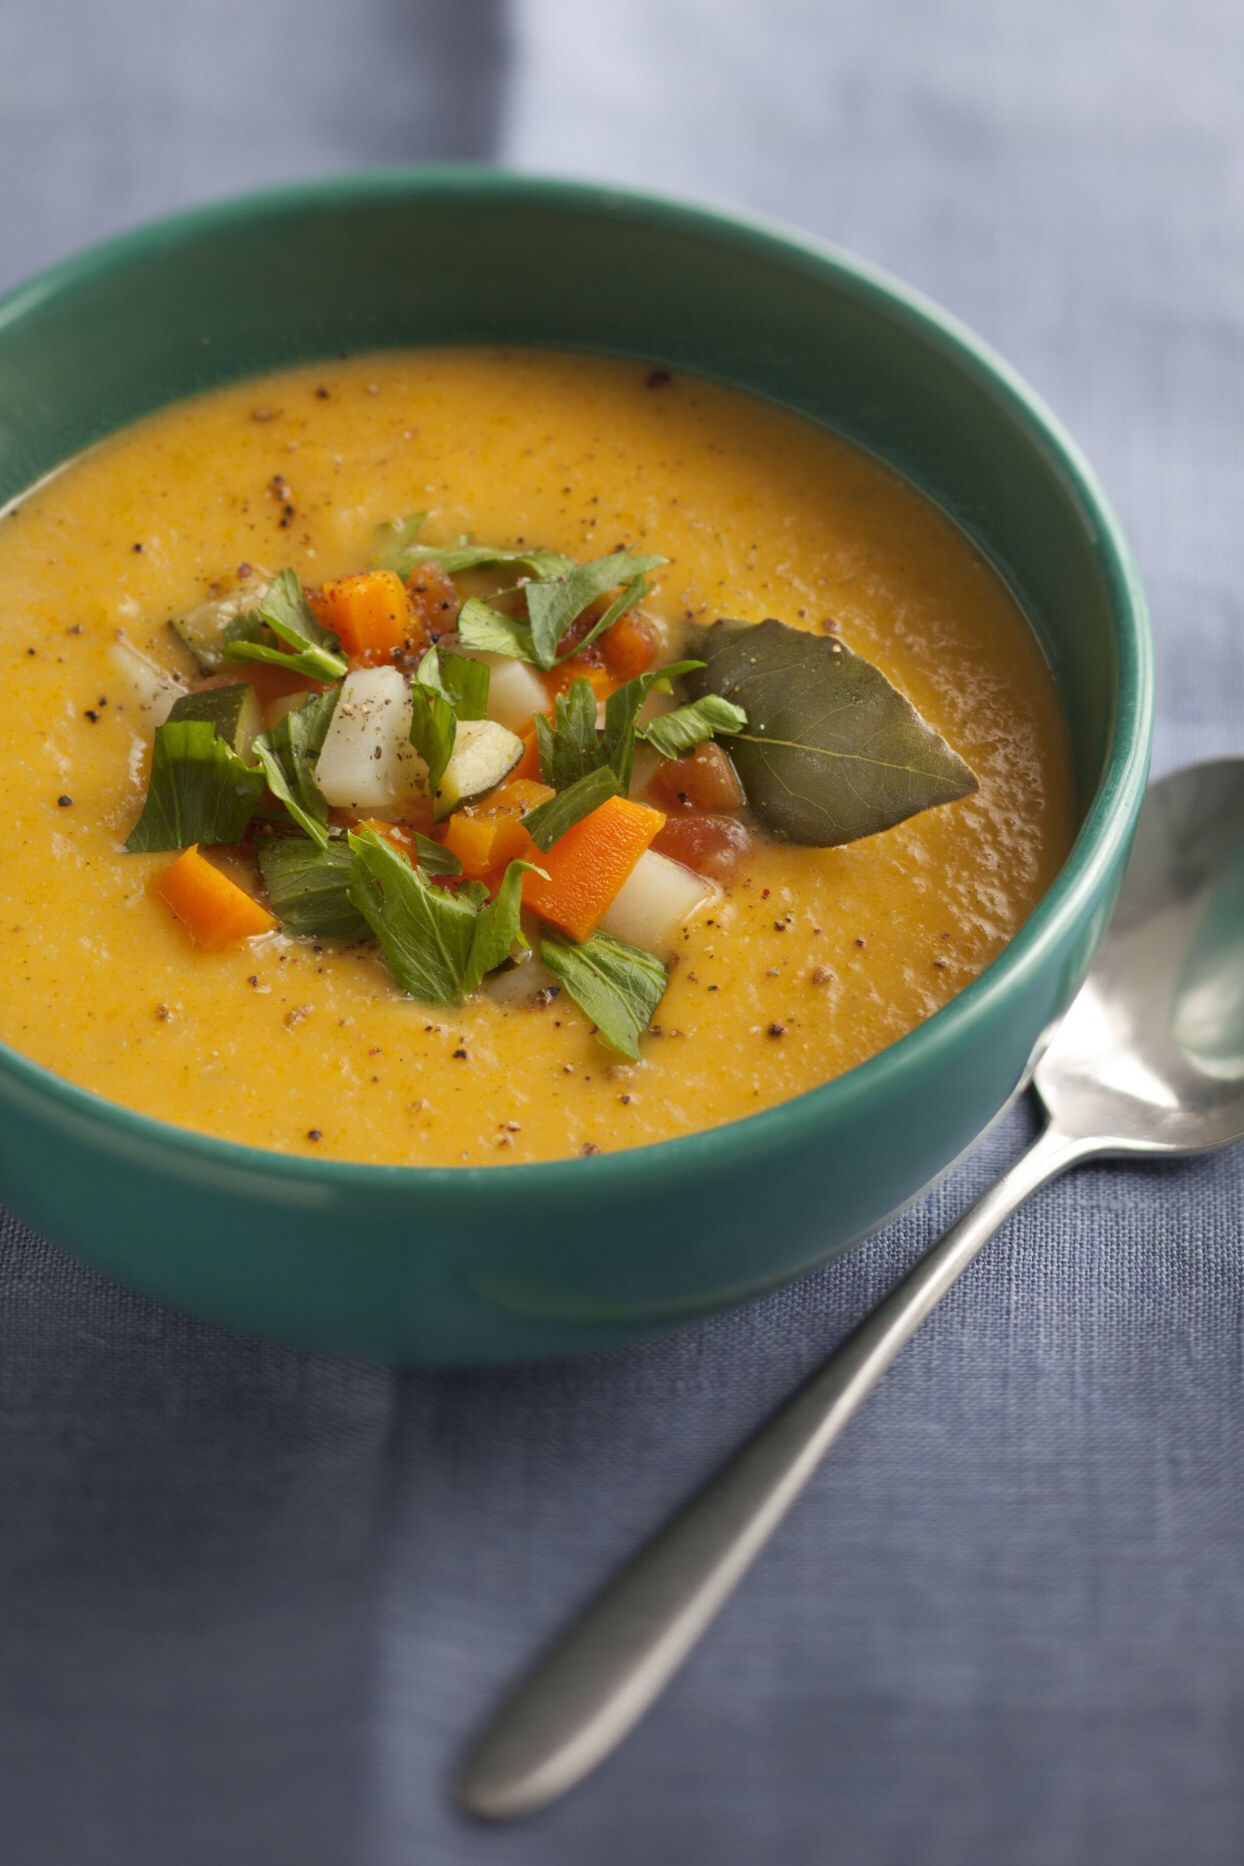 Soupe aux 7 légumes | Recette | Recettes de cuisine